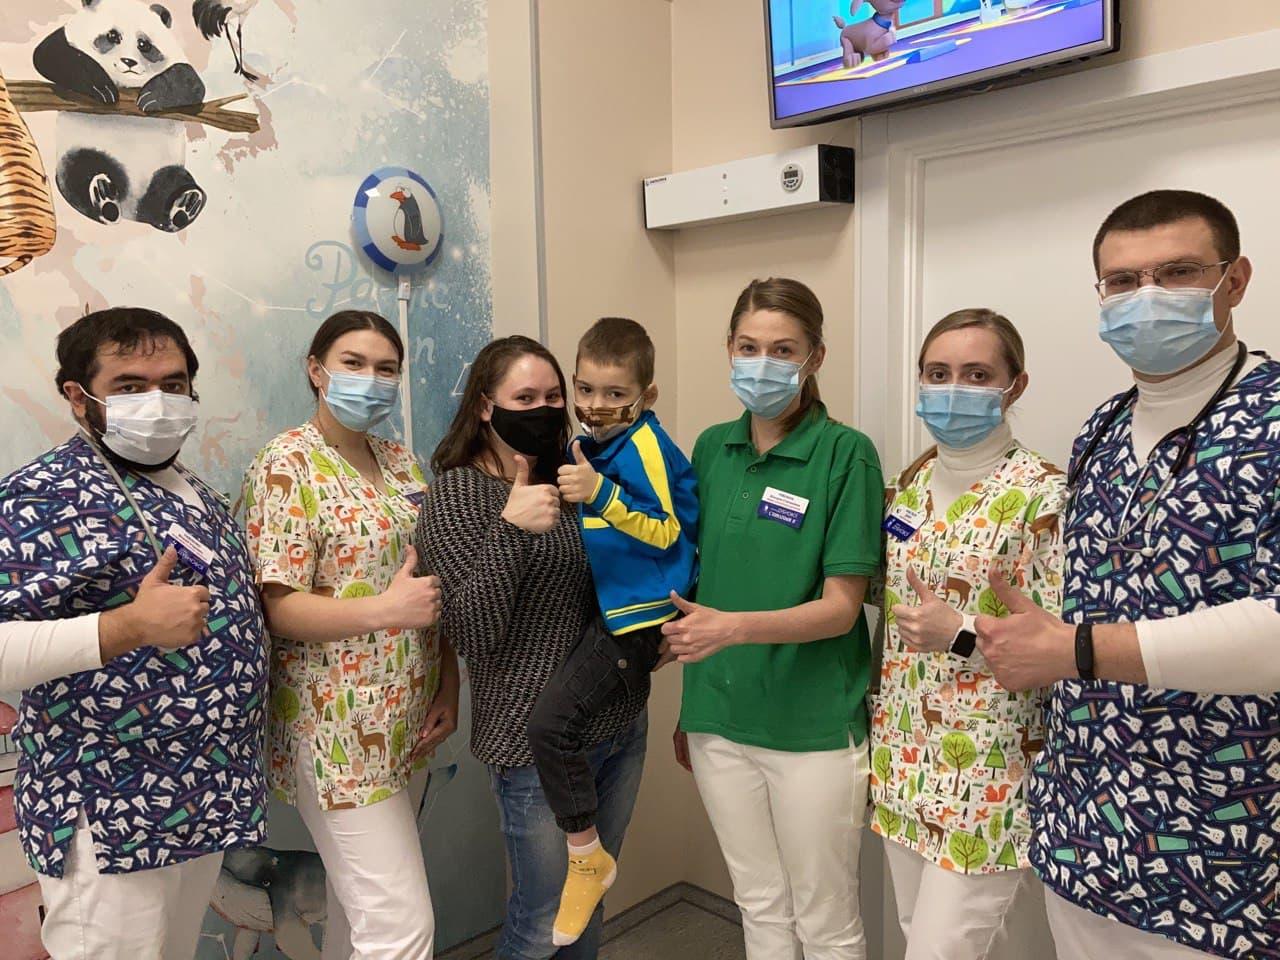 photo 2021 03 31 18 11 21 - Ми проводимо щомісячне добродійне лікування маленьких пацієнтів з ОХМАТДИТу